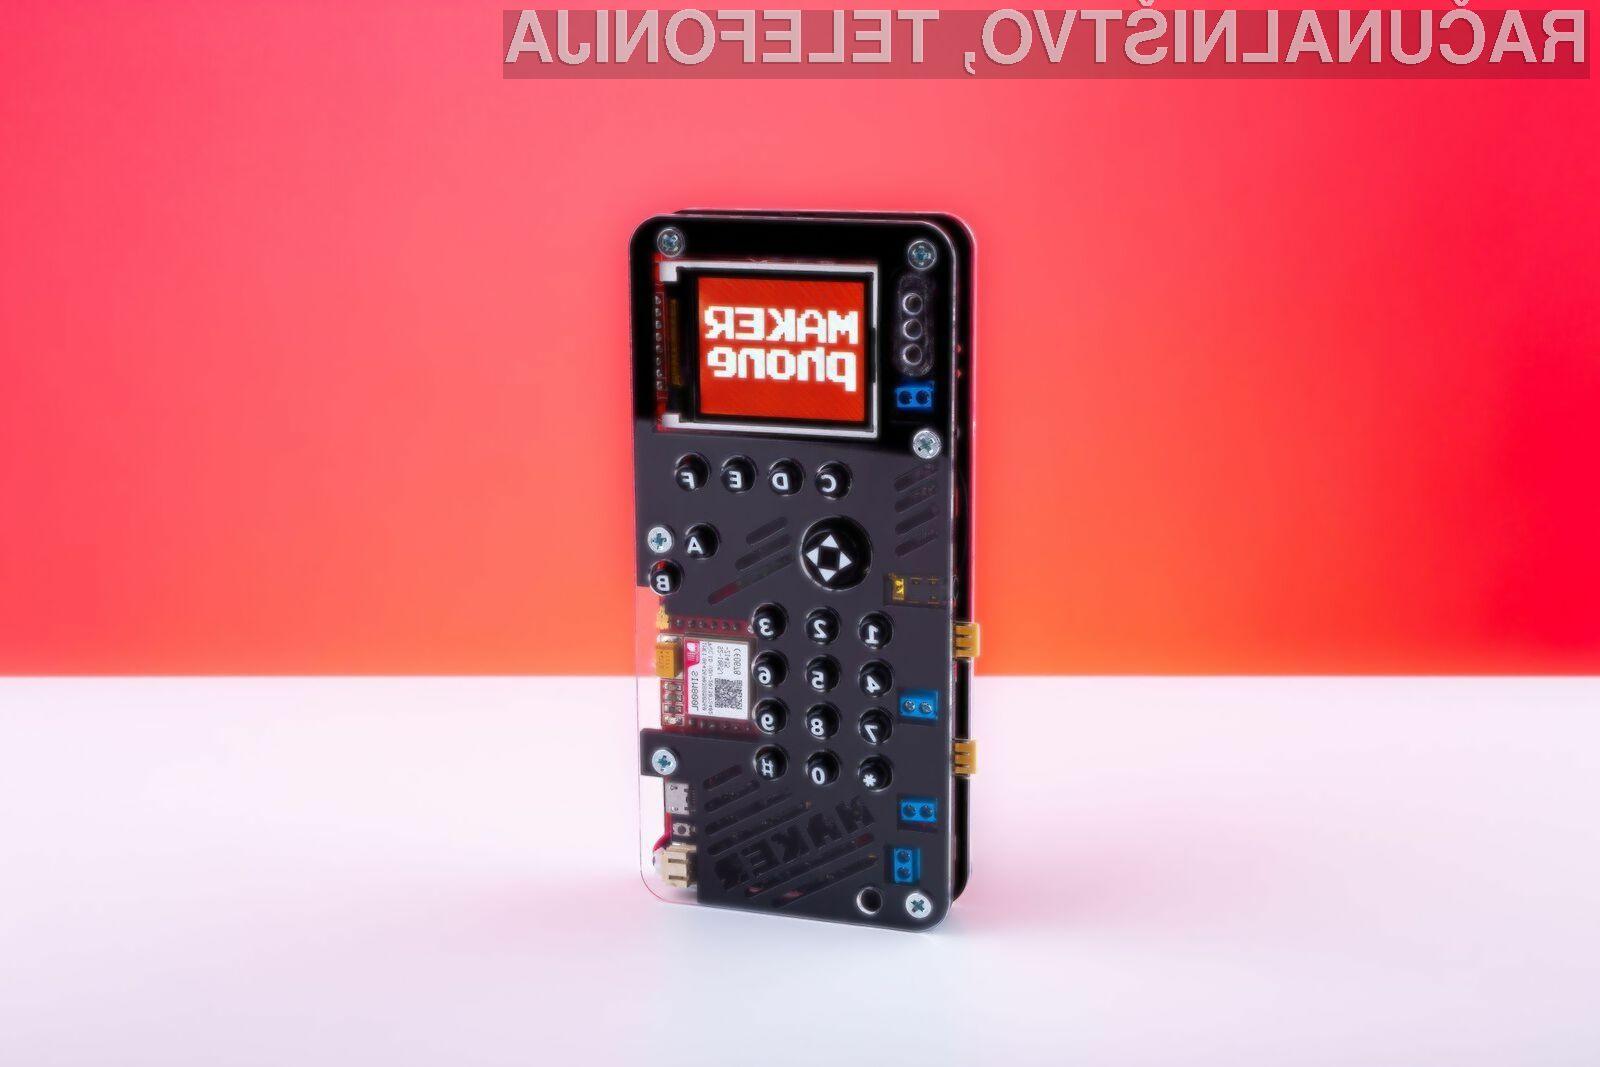 Mobilni telefon MAKERphone je resnično nekaj posebnega!